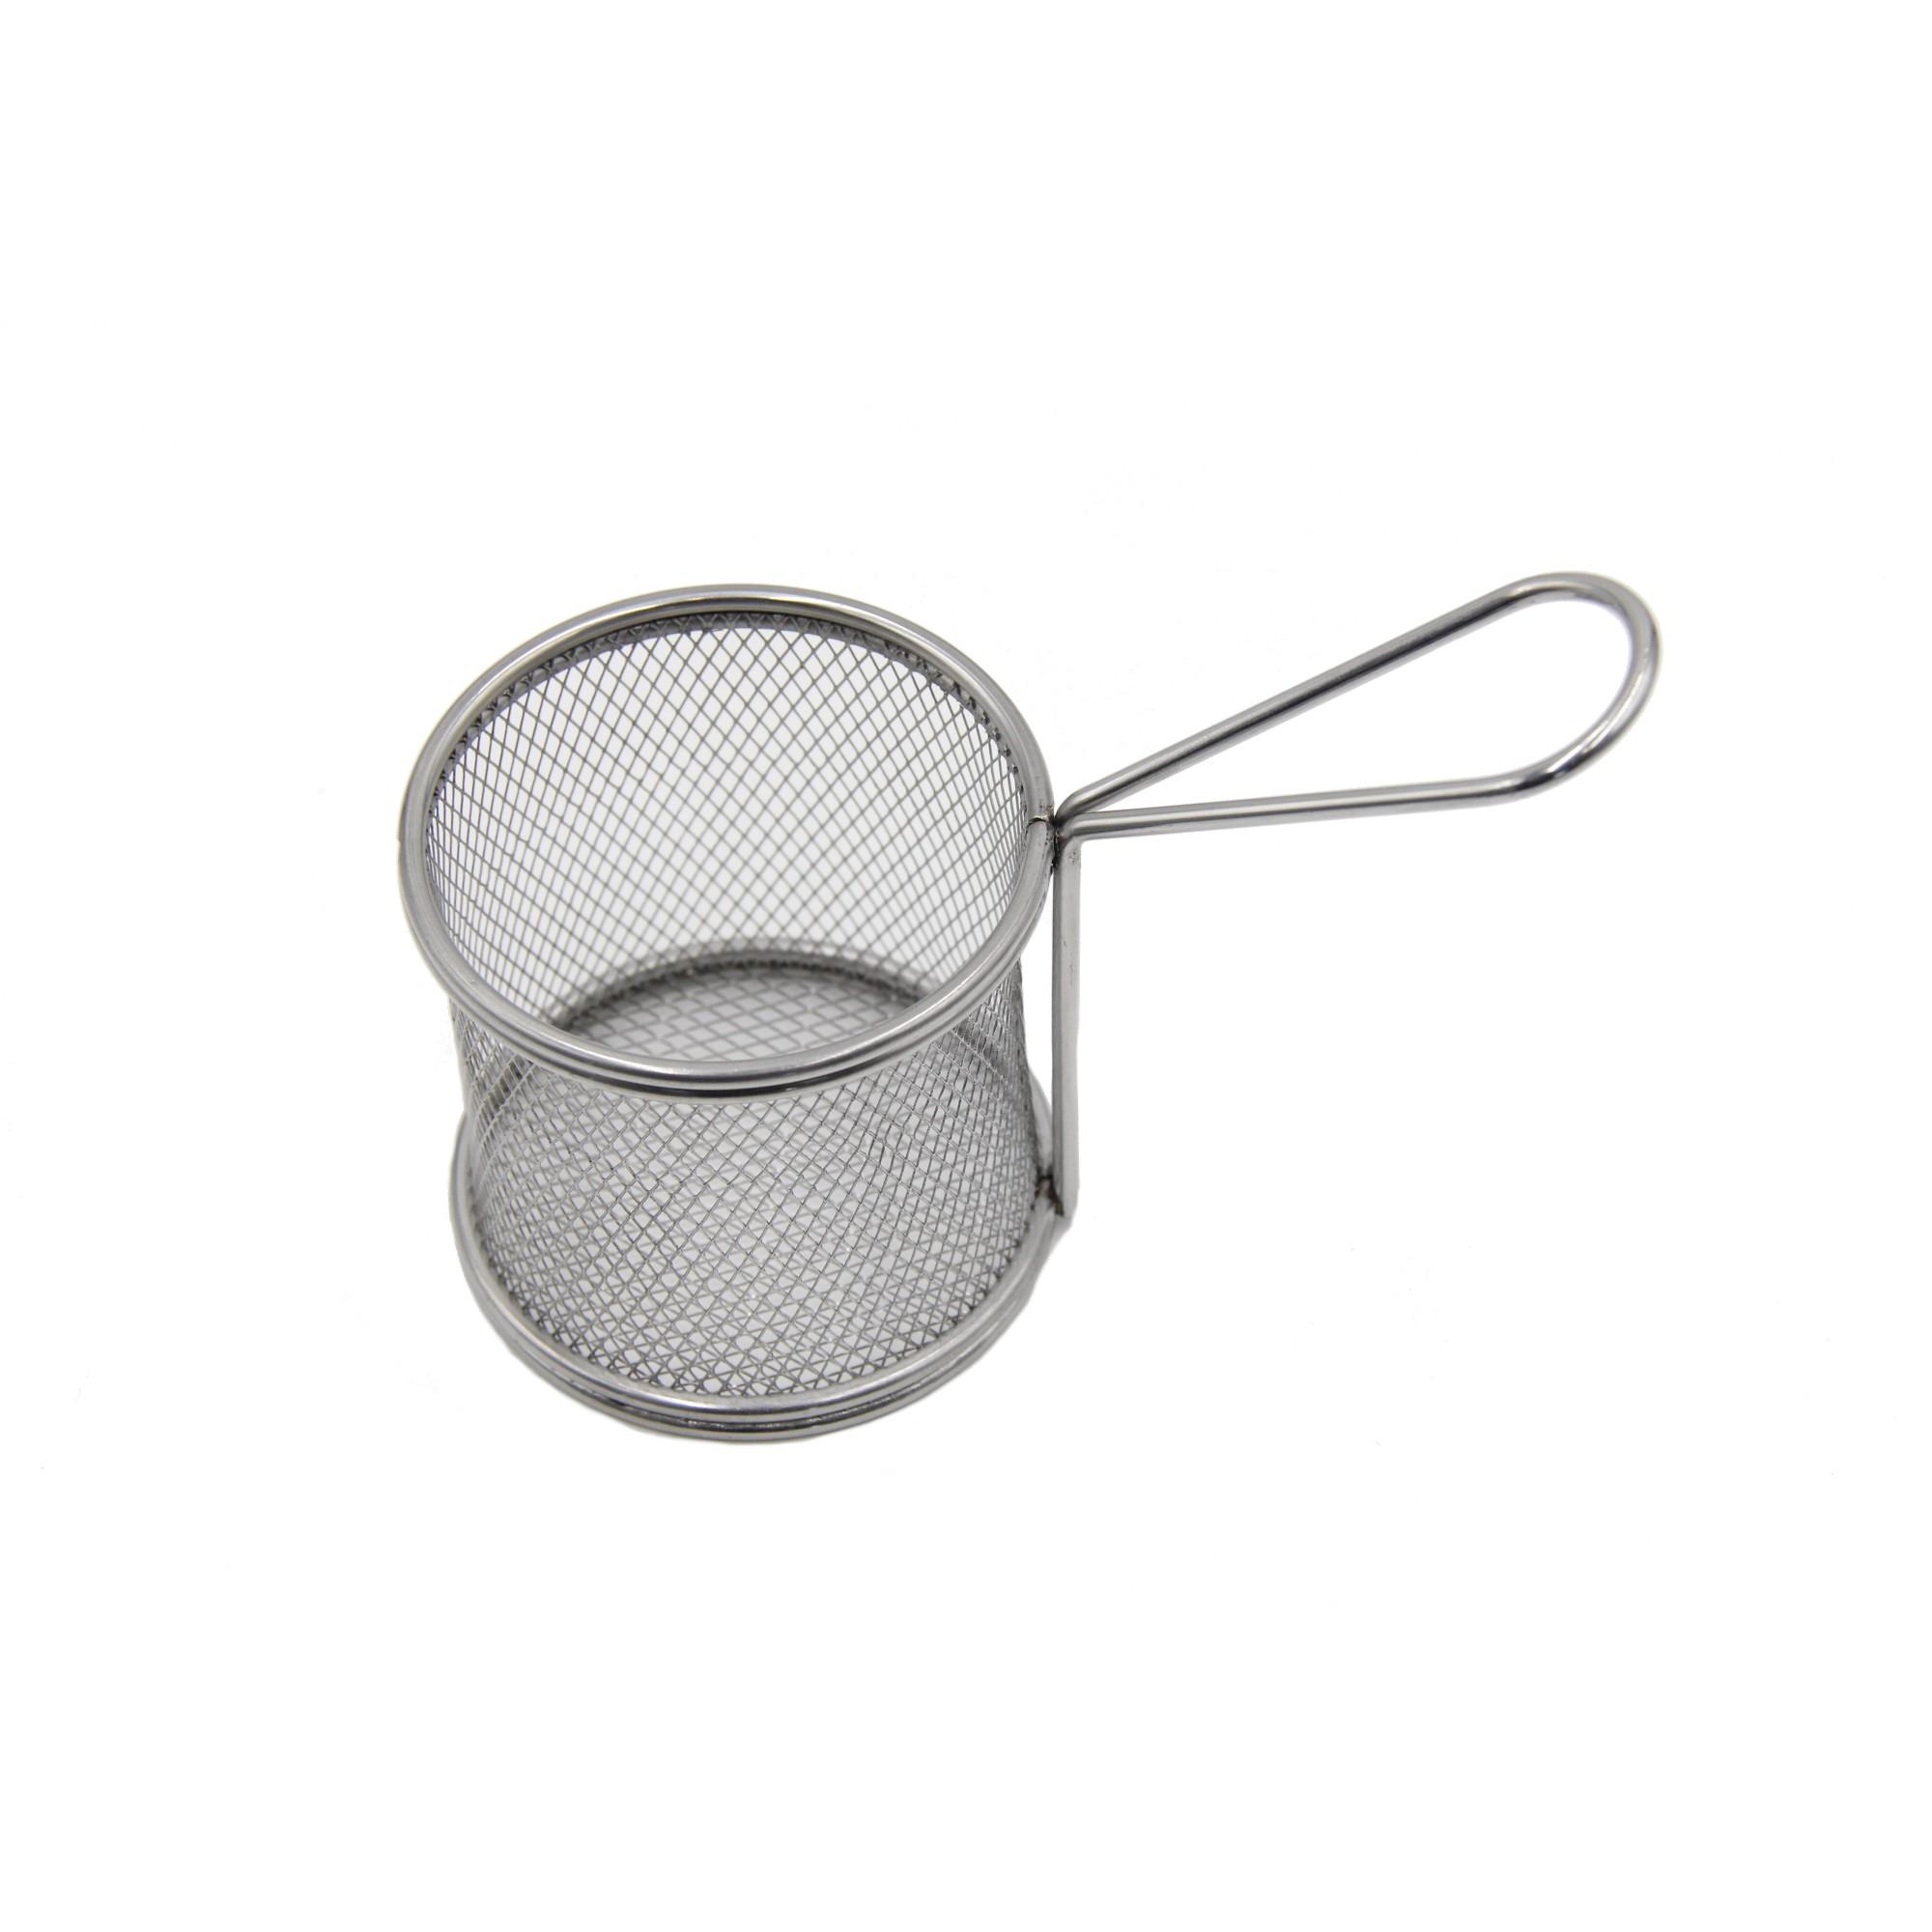 Peneira para Cozinha Inox 7cm - Bianchini